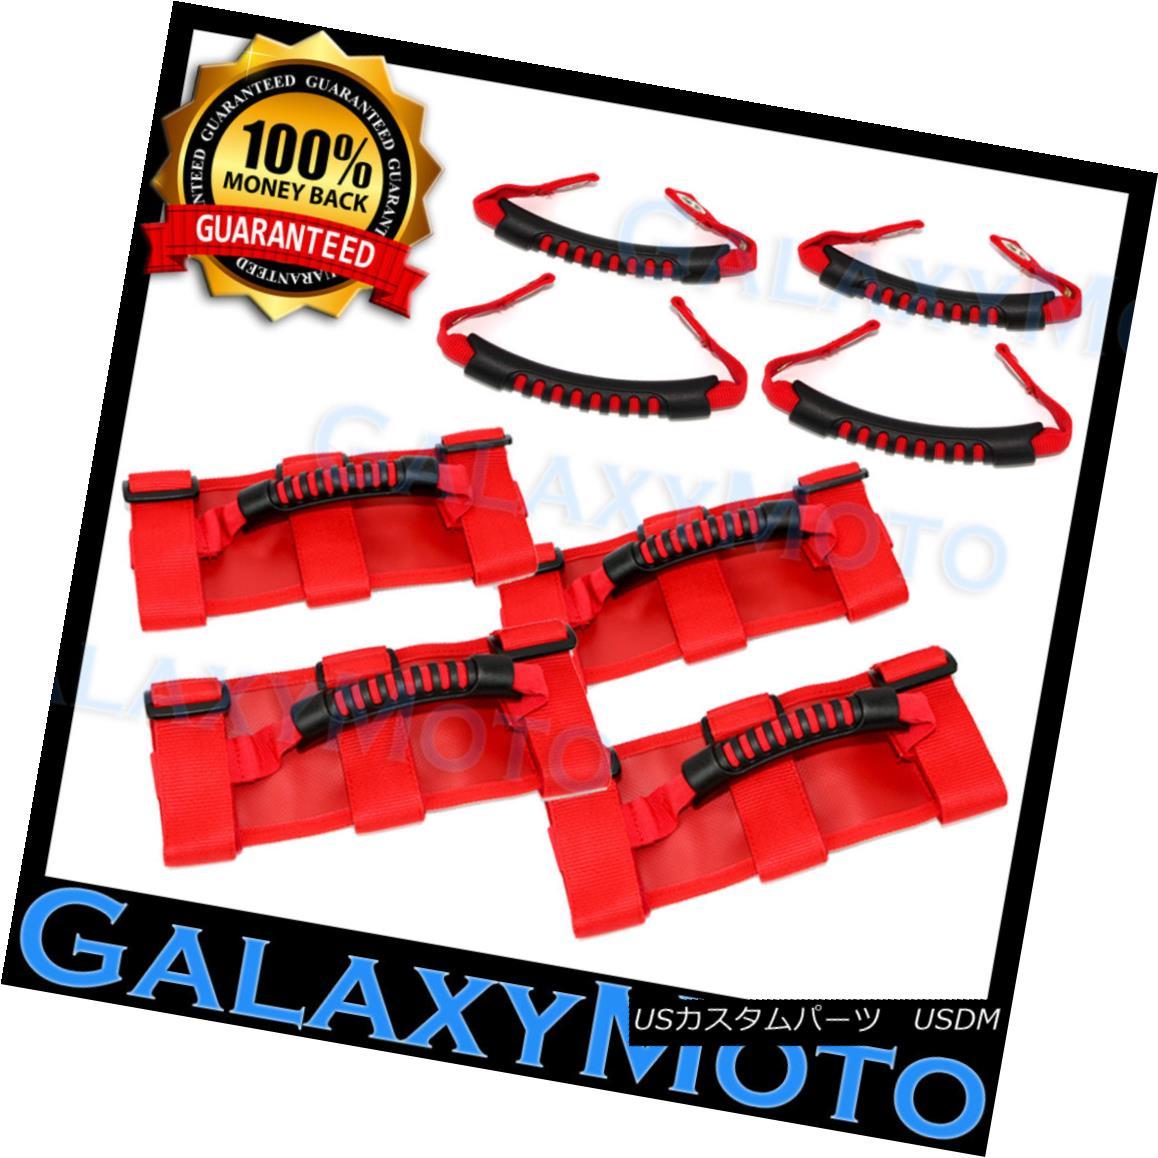 グリル Extreme RED 8x Roll Bar+Rear Side Bar Grab Handle fit 87-18 Jeep Wrangler JK TJ エクストリームRED 8xロールバー+リアサイドバーグラブハンドルフィット87-18ジープラングラーJK TJ